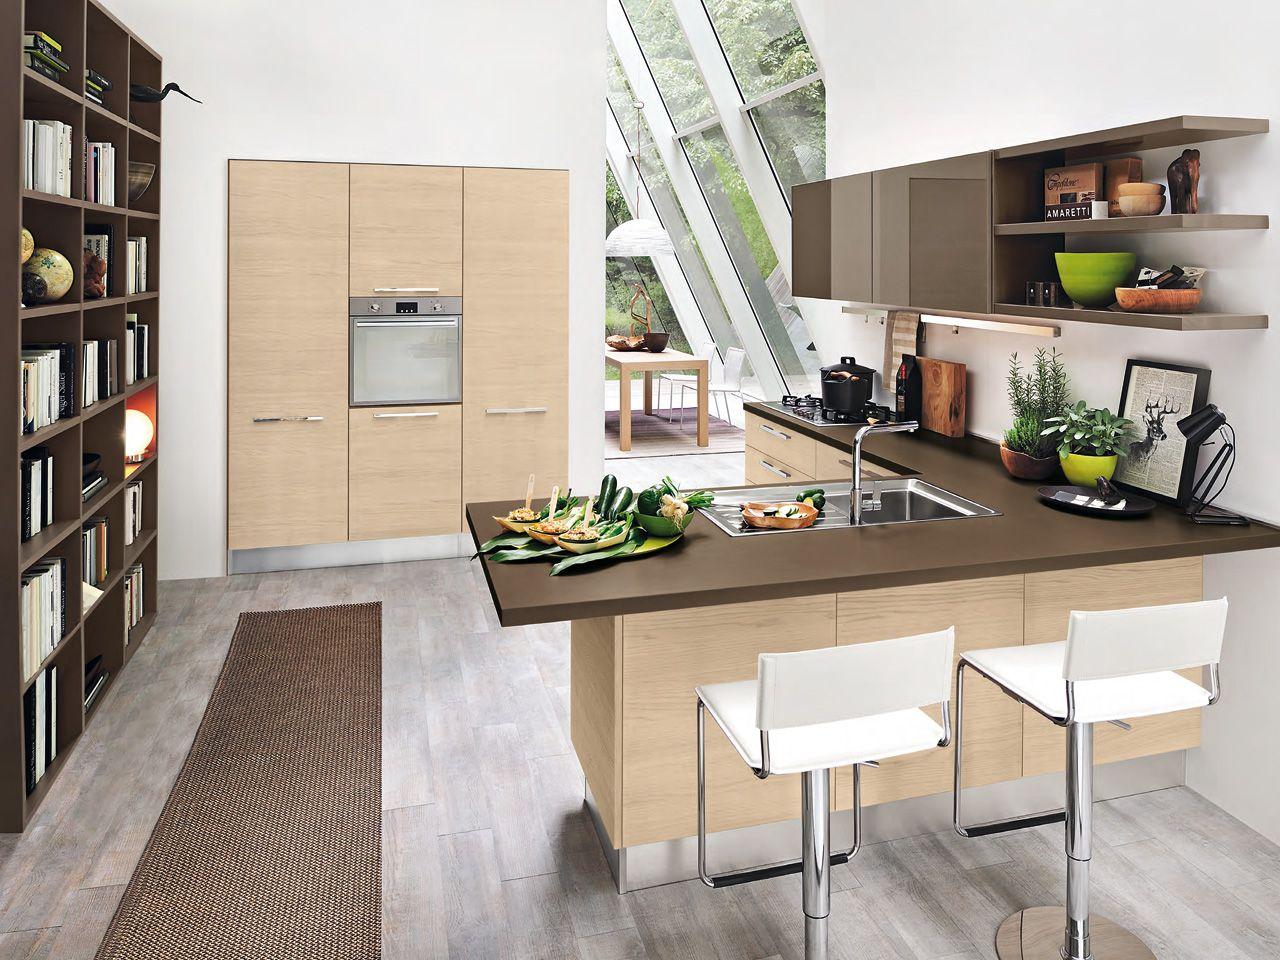 PAMELA - Cucina Lube Moderna | PAMELA / Cucine Lube Moderne ...